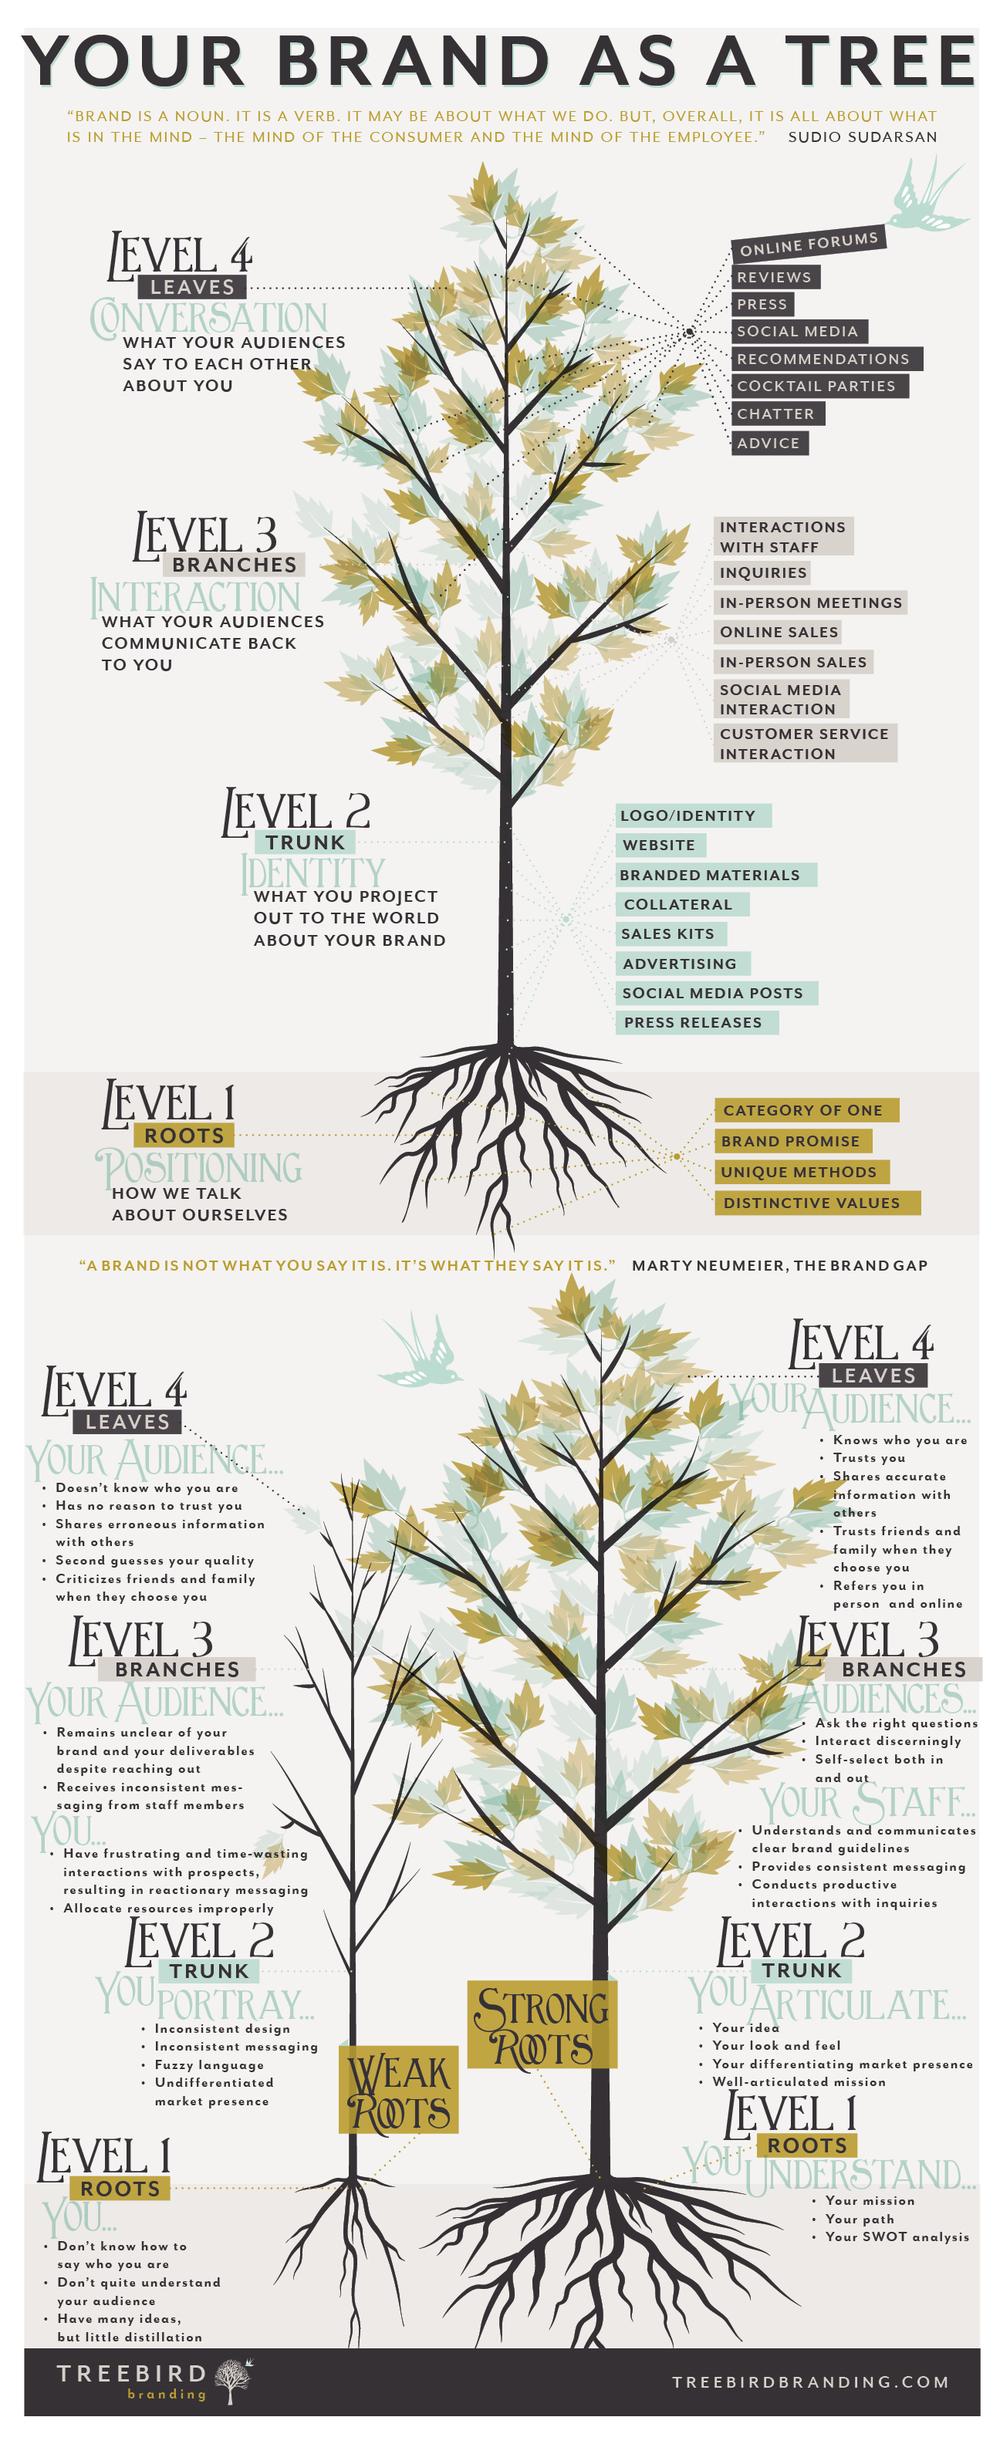 yourbrandasatree_treebirdbranding.com.jpg